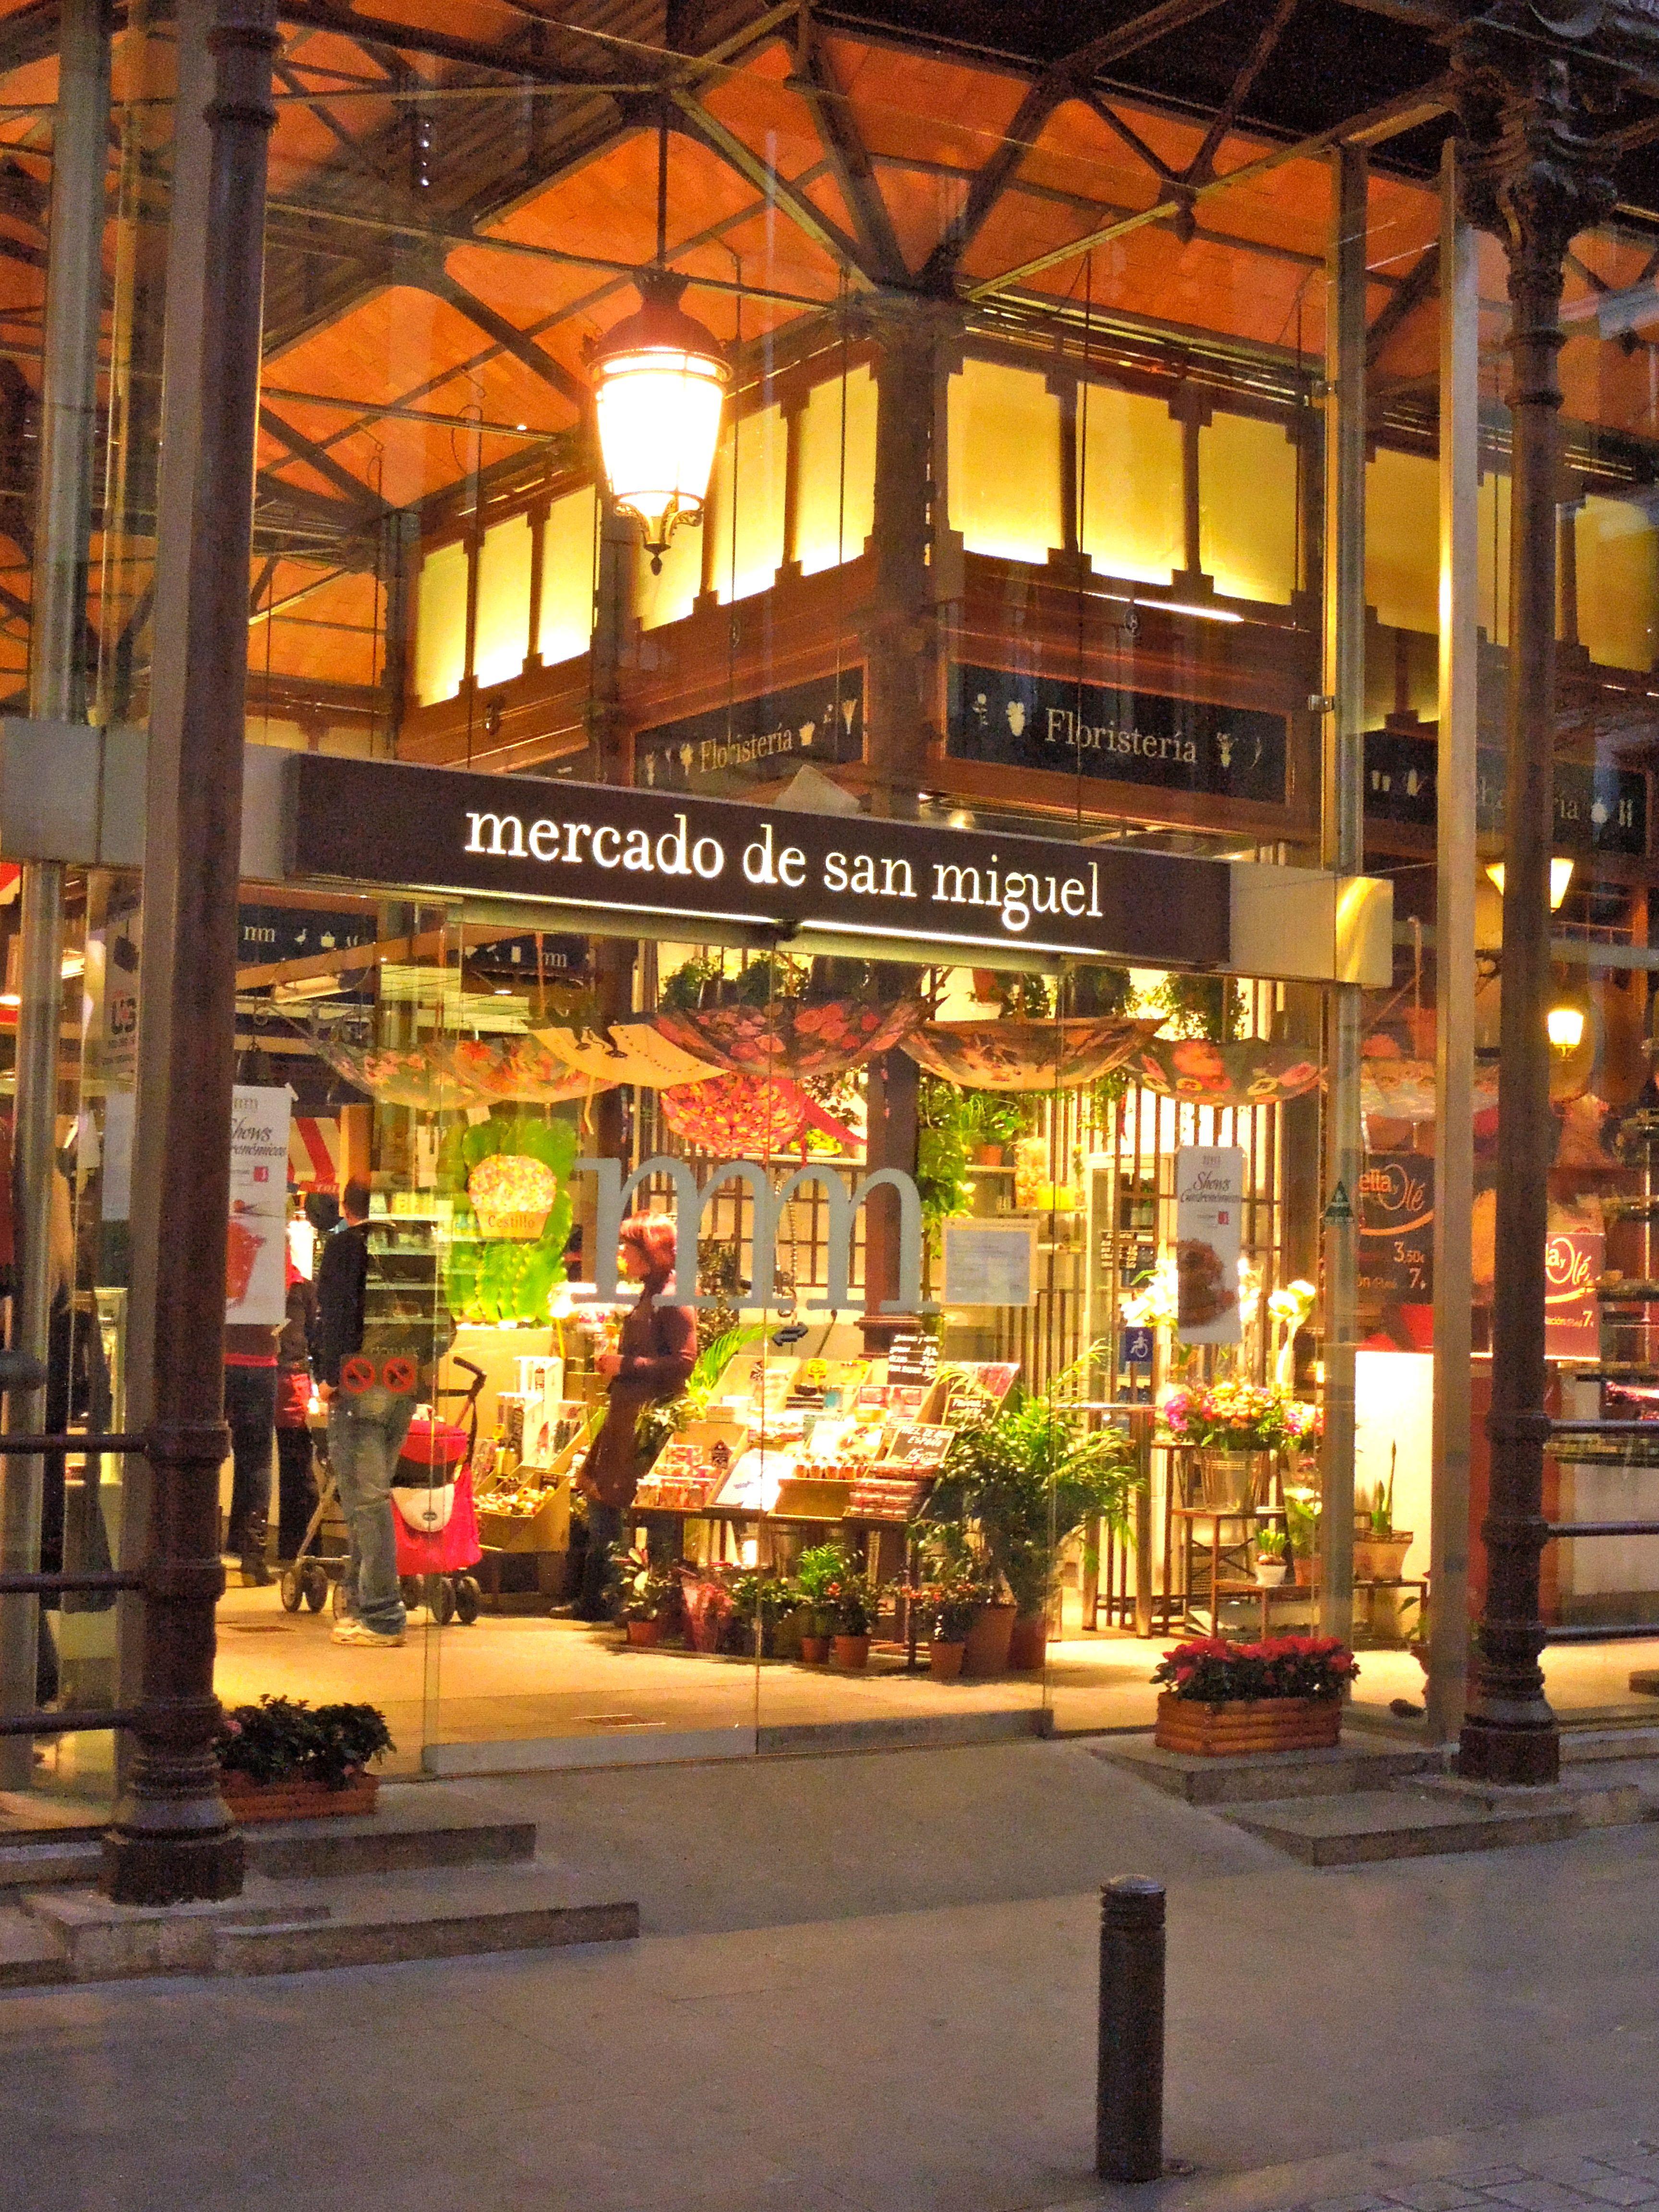 Estamos muy cerquita del mercado san miguel madrid for Lugares turisticos de espana madrid